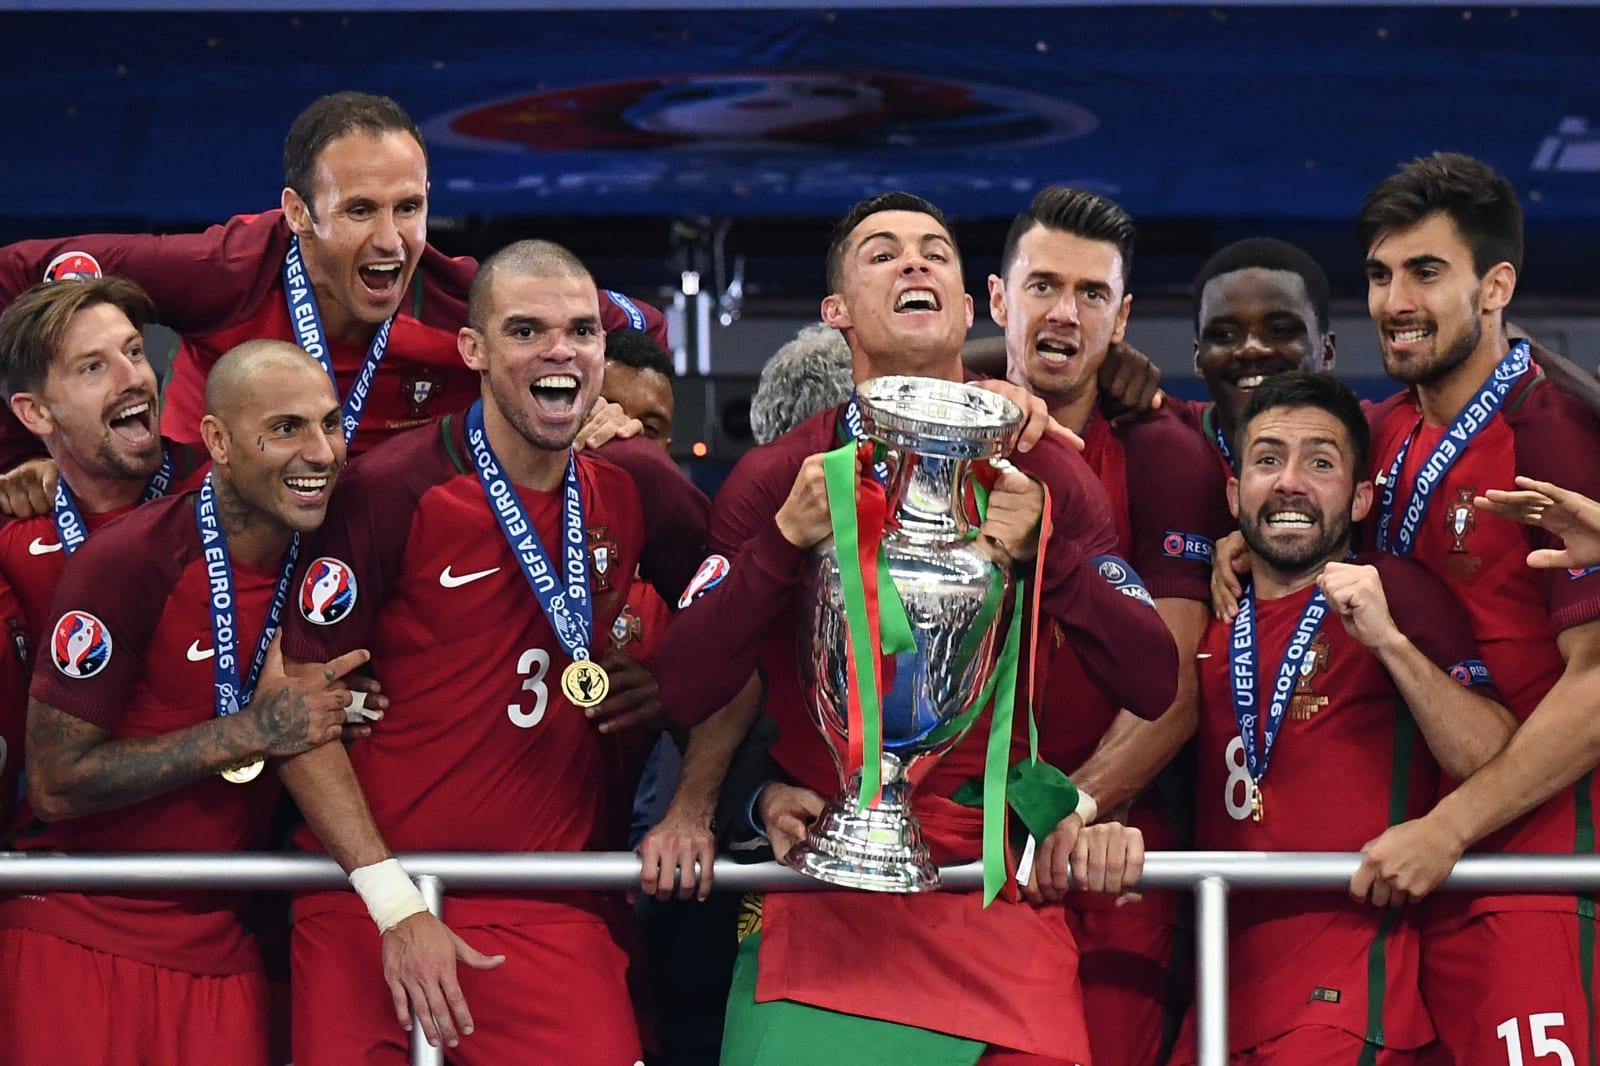 le King Power doit être une salle de l'Euro - Championnat d'Europe 2020